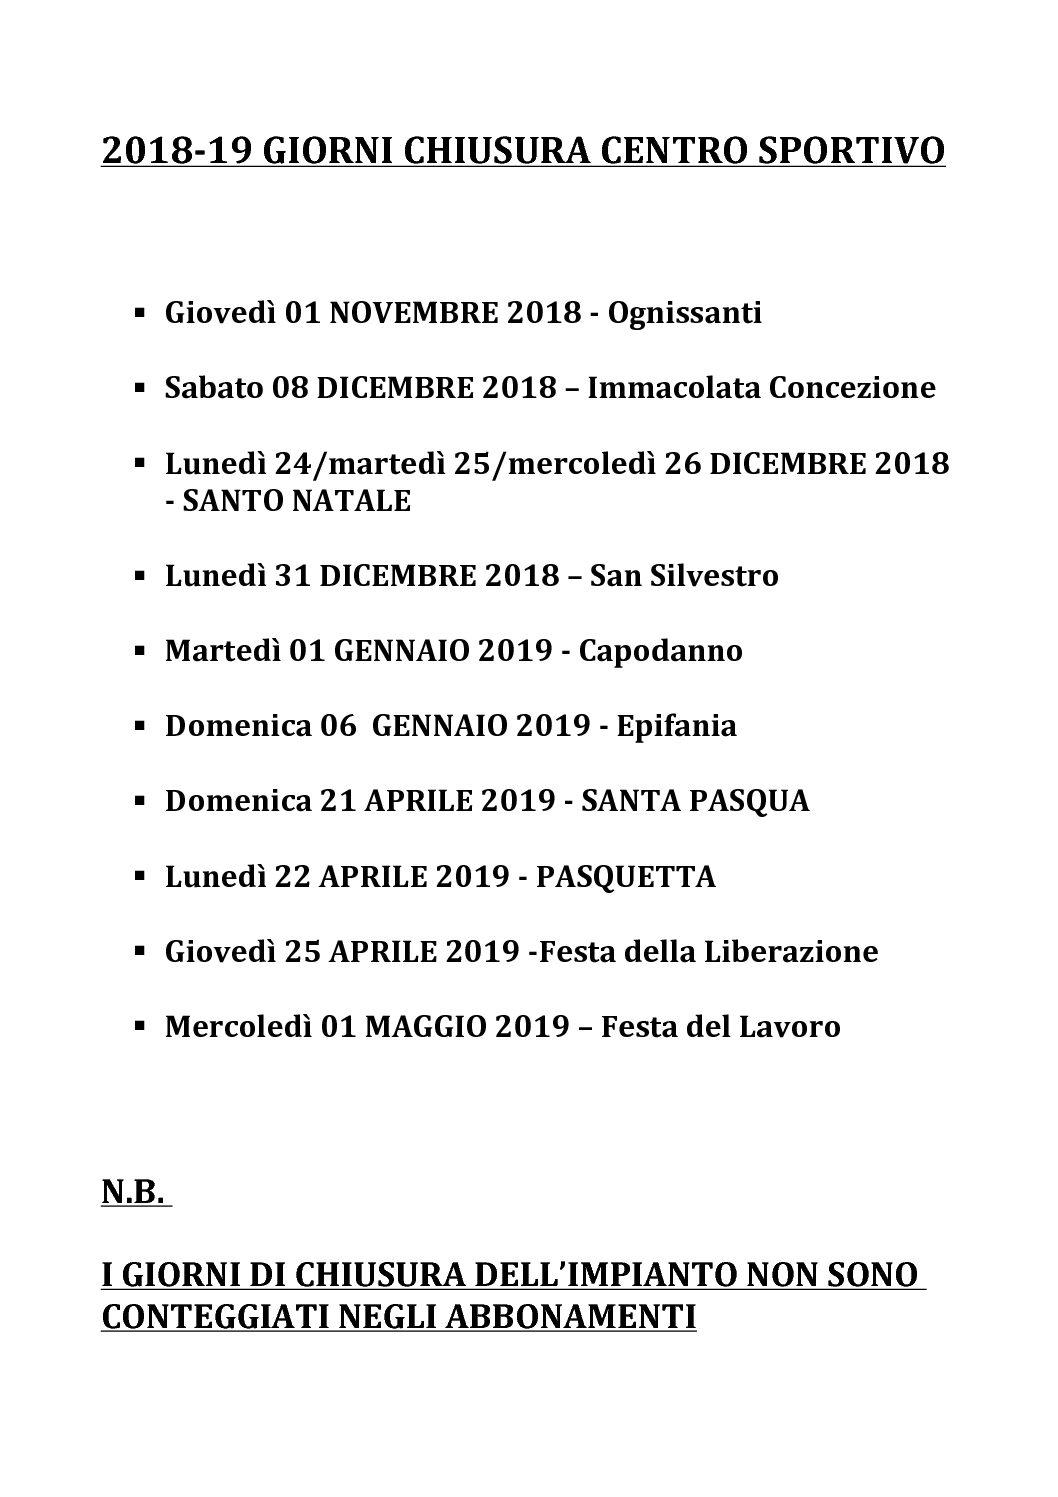 Giorni chiusura centro sportivo 2018/2019